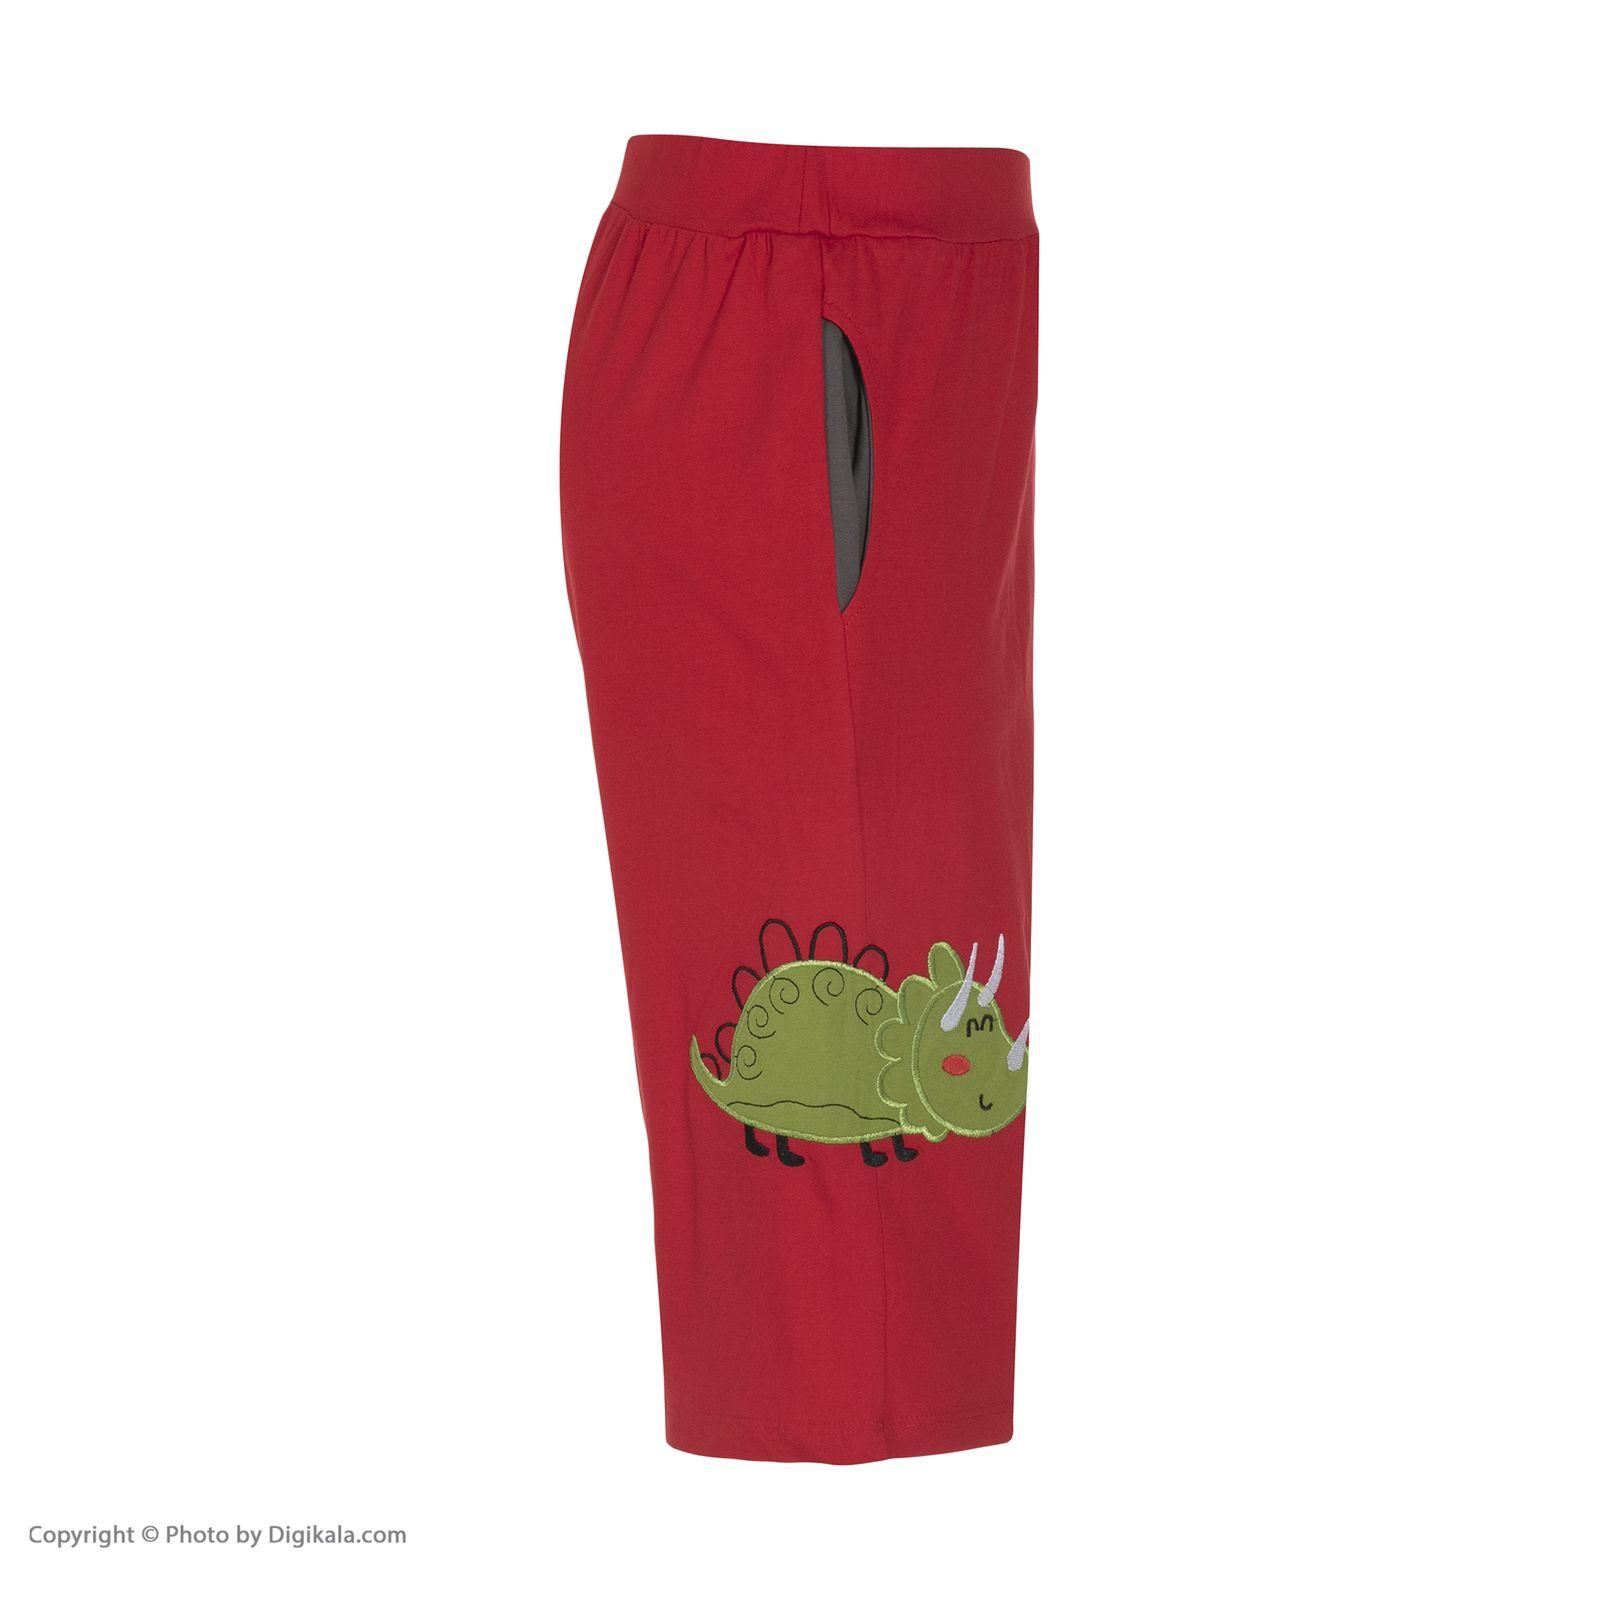 ست تی شرت و شلوارک راحتی مردانه مادر مدل 2041110-74 -  - 10